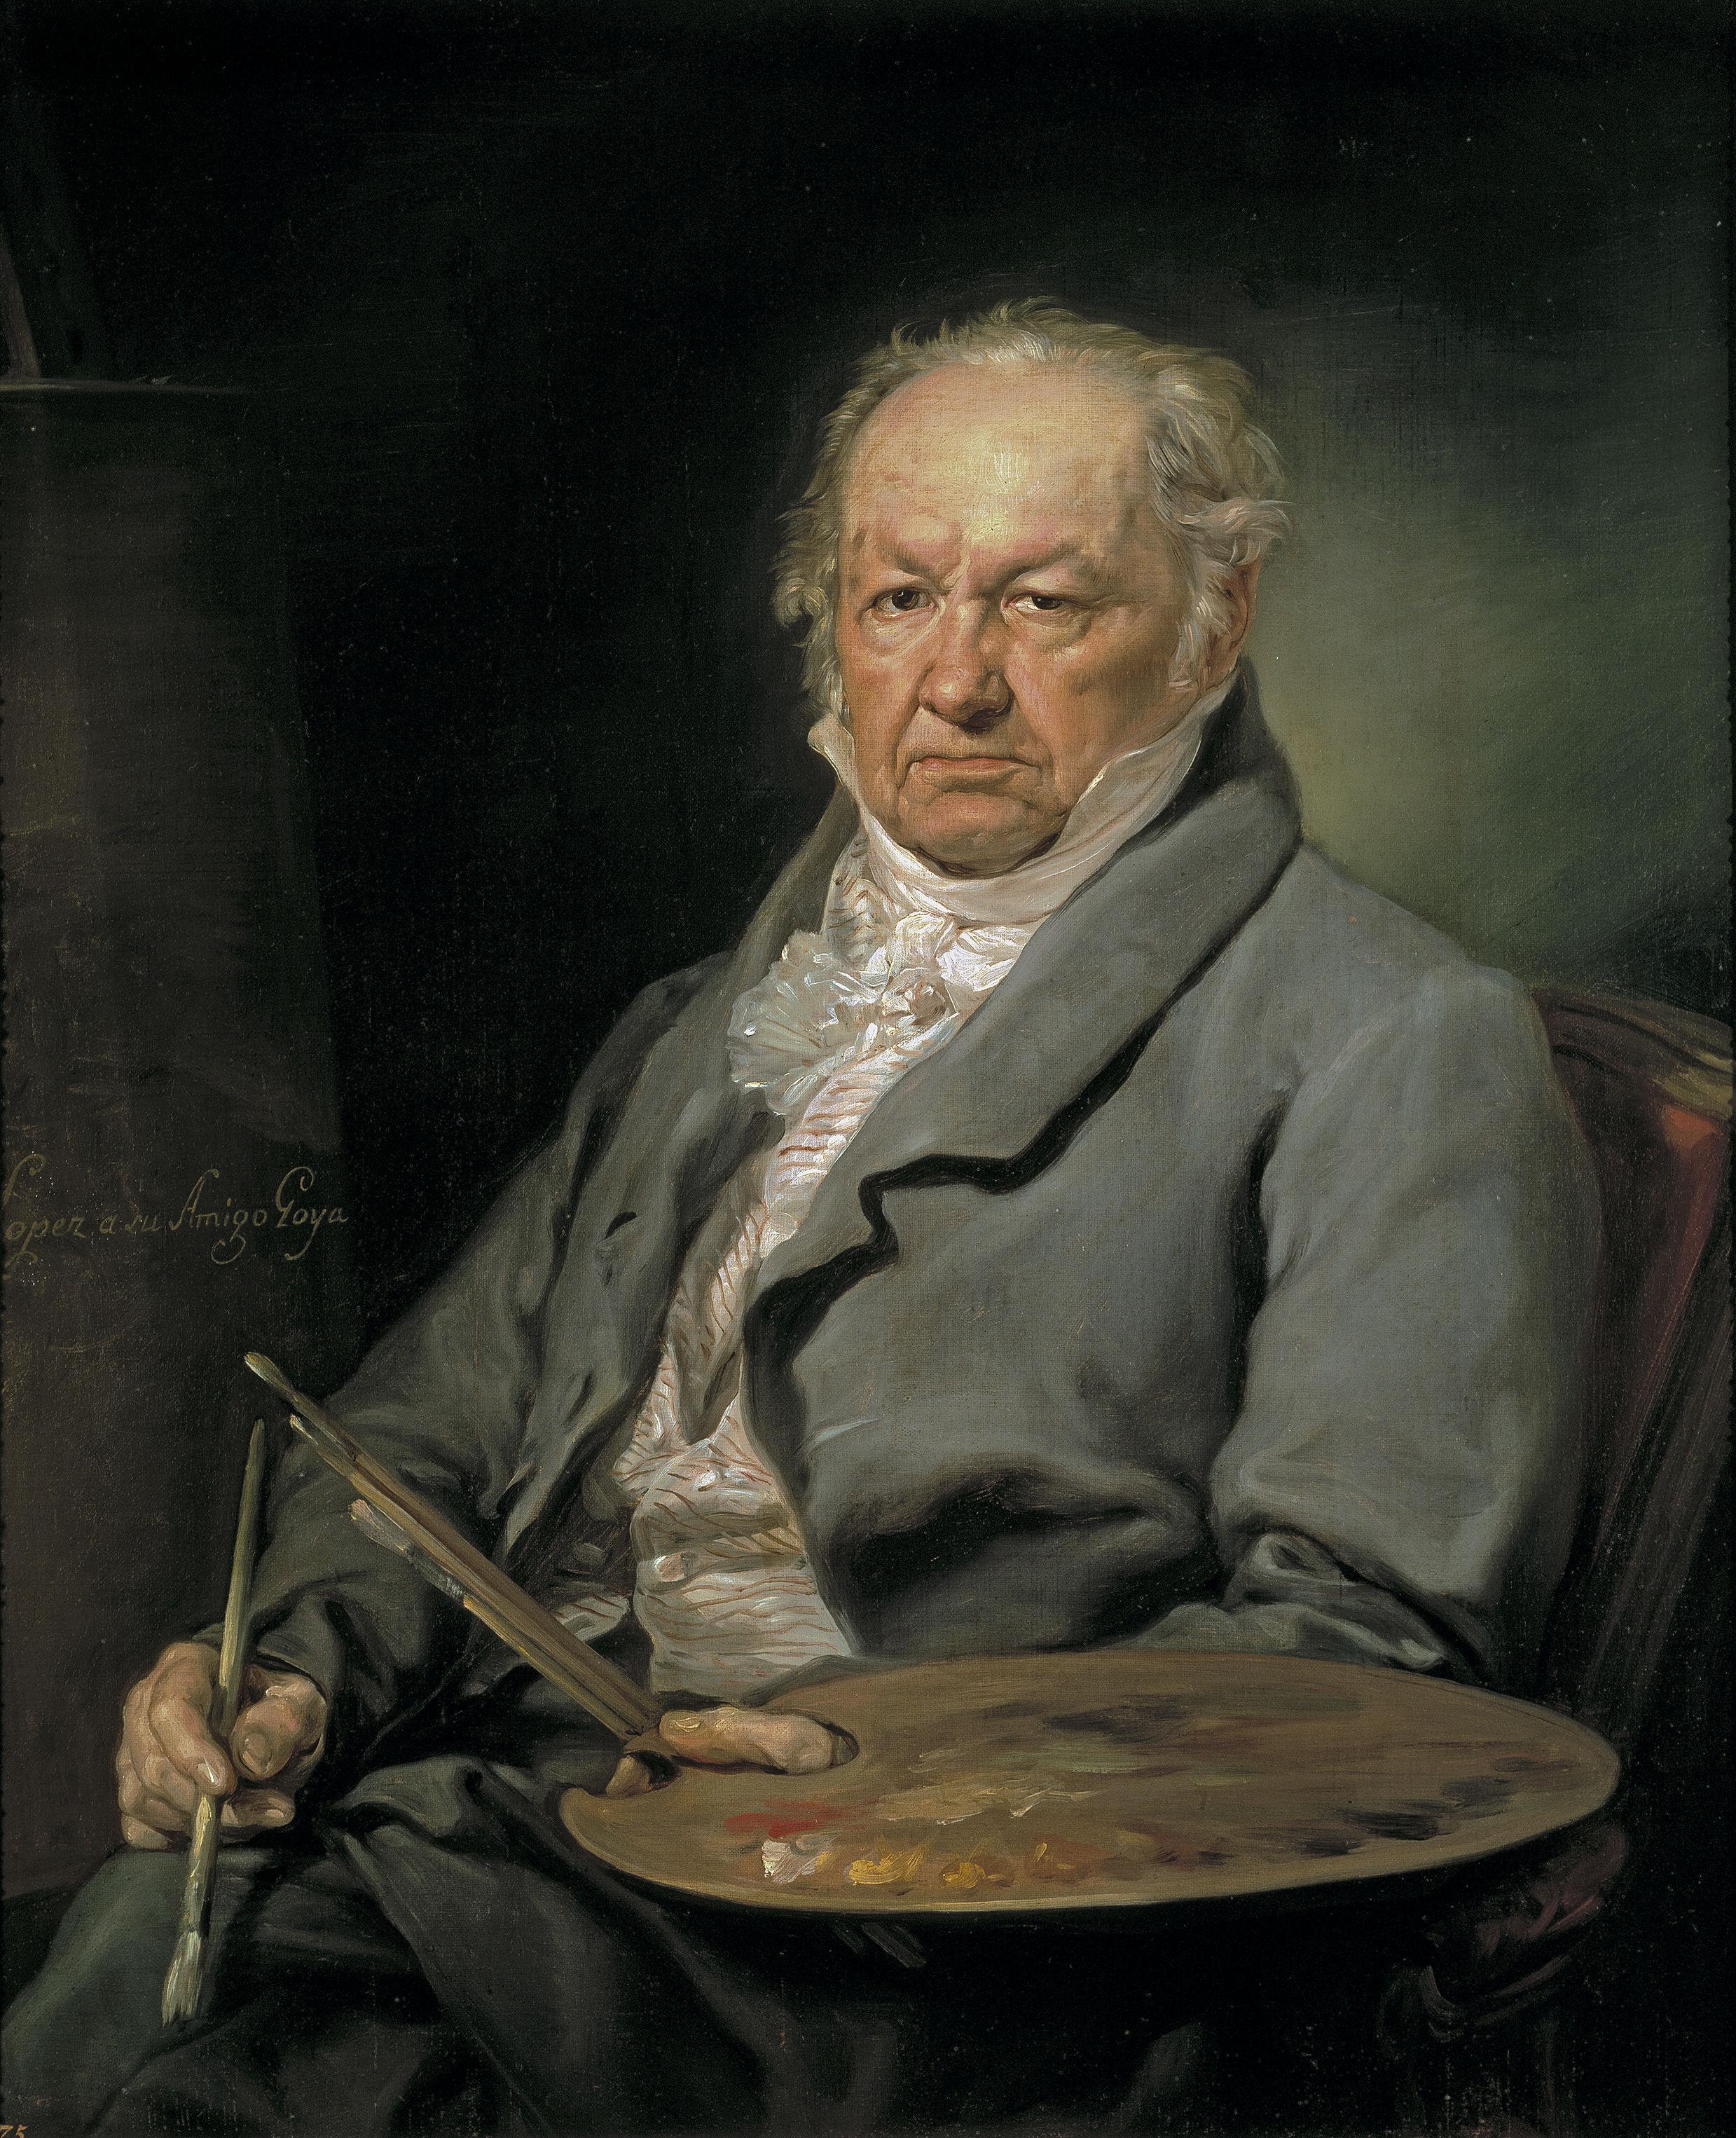 3730 - ¿Cuánto sabes de pintores a lo largo de la historia?